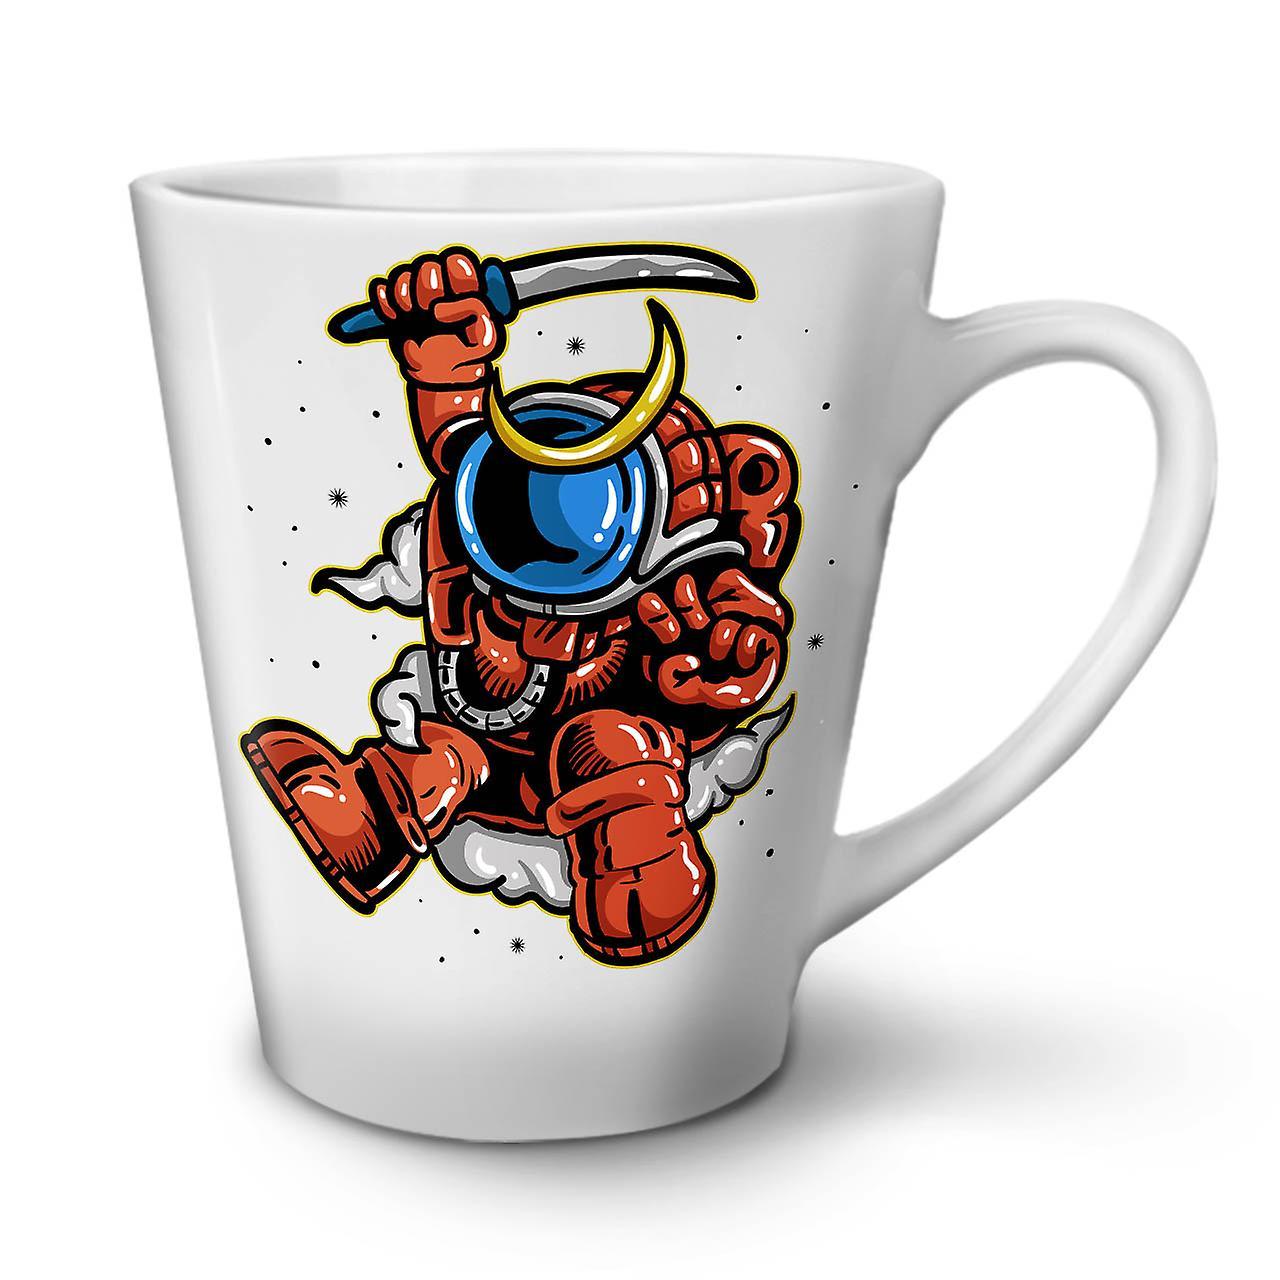 Céramique Invaders Tasse Latte Blanc Nouveau OzWellcoda 12 Space Café srxthCQd